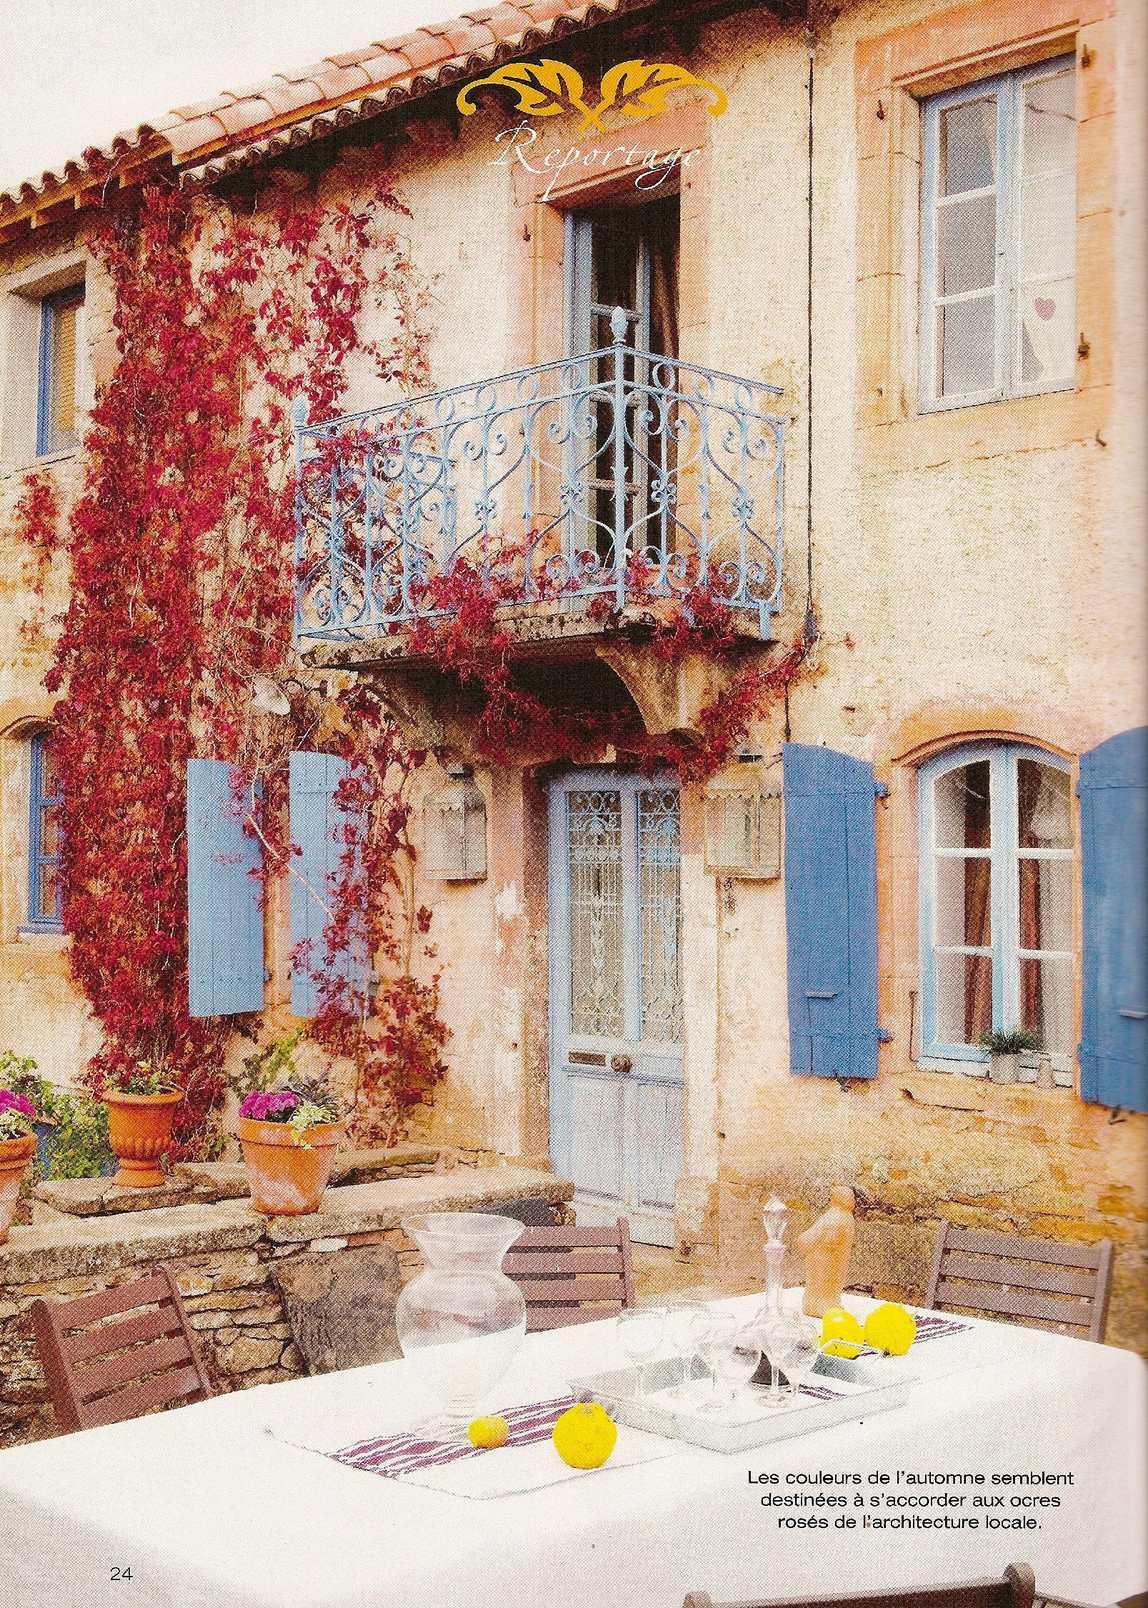 Maison A Vivre Campagne calaméo - maison à vivre campagne - la maison bleue - sophie